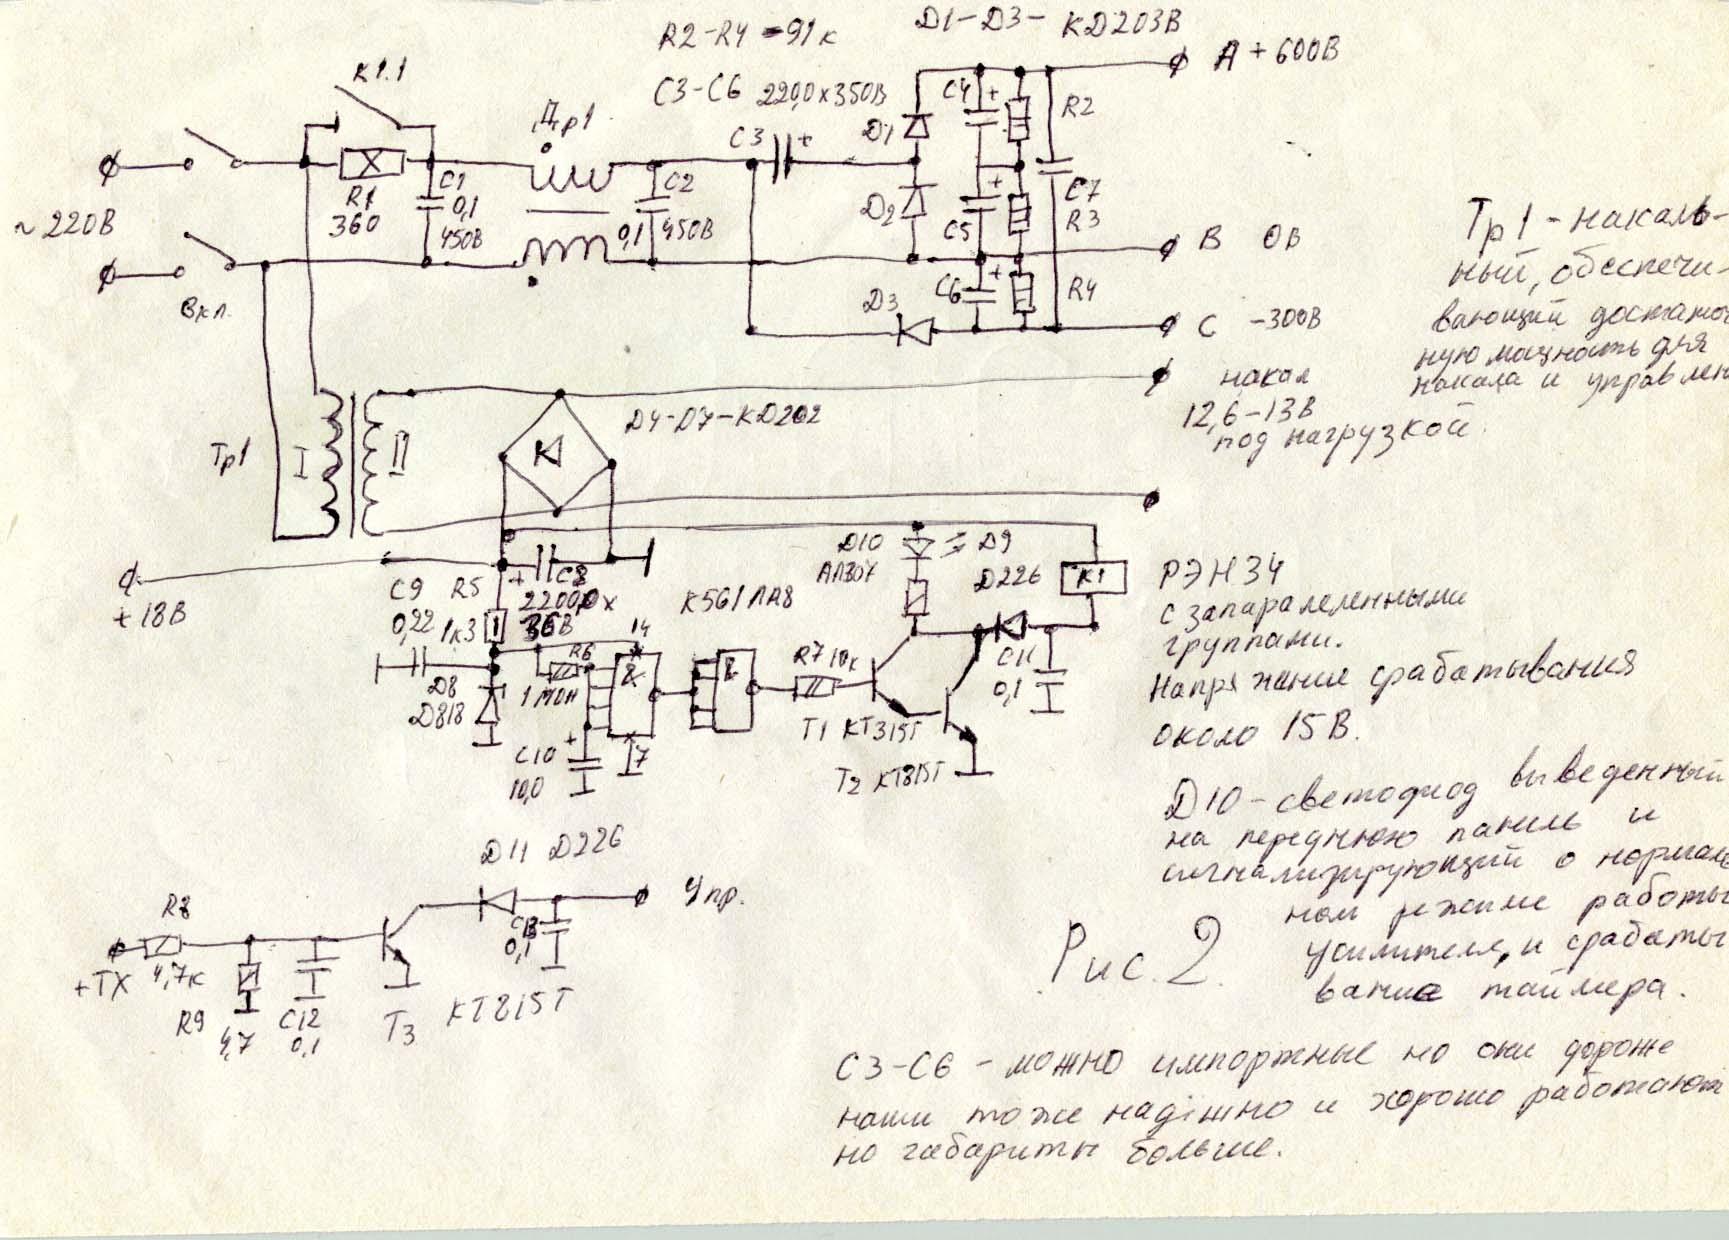 Схема высоковольтного блока питания для усилителя мощности на 2 гк-71